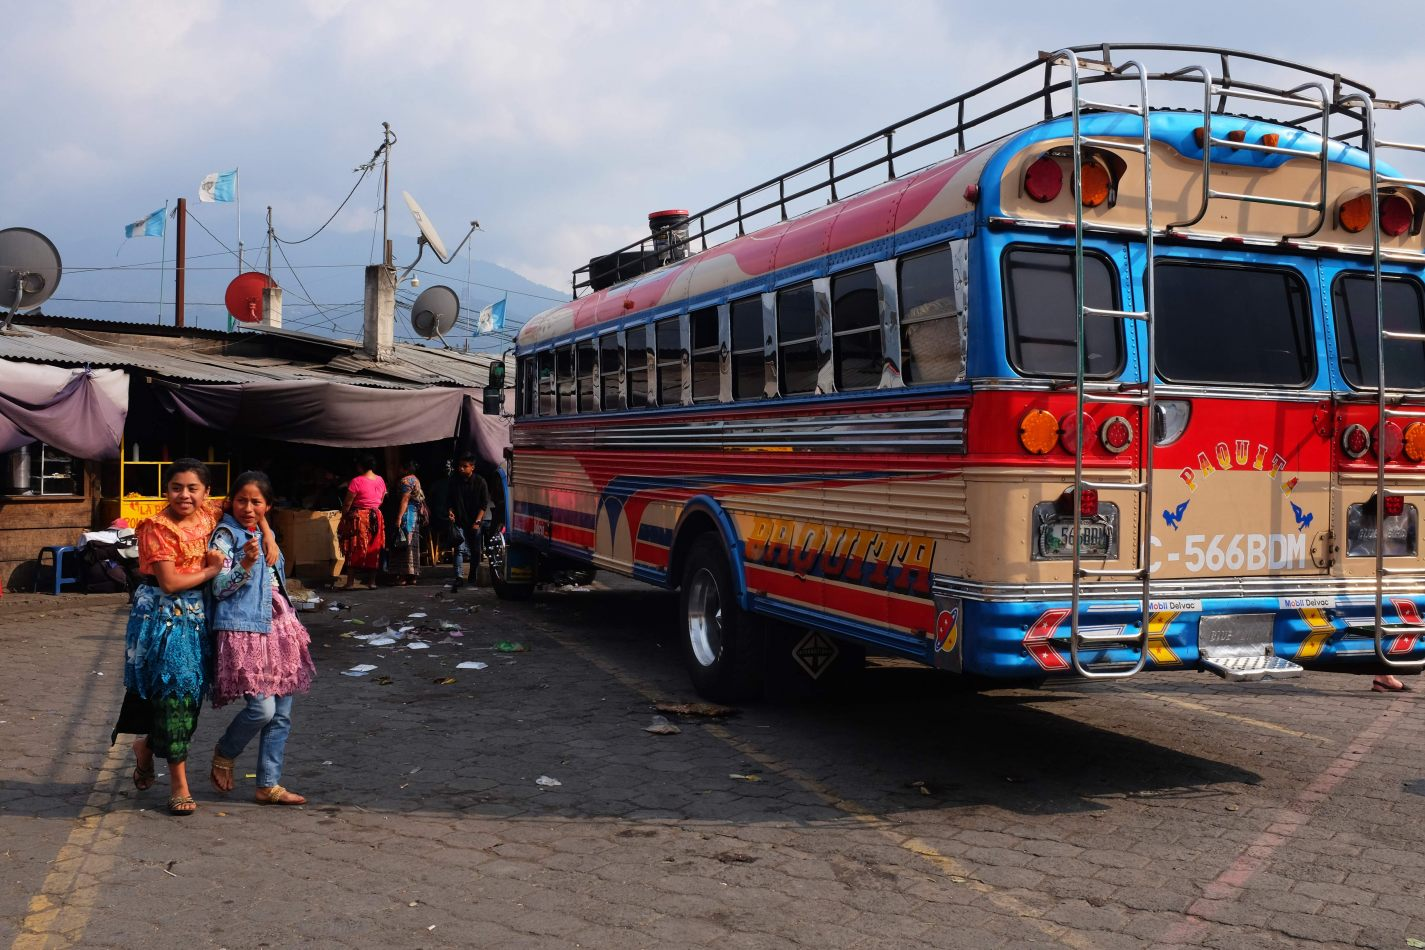 Hibiscus & Nomada : - - Chicken Bus